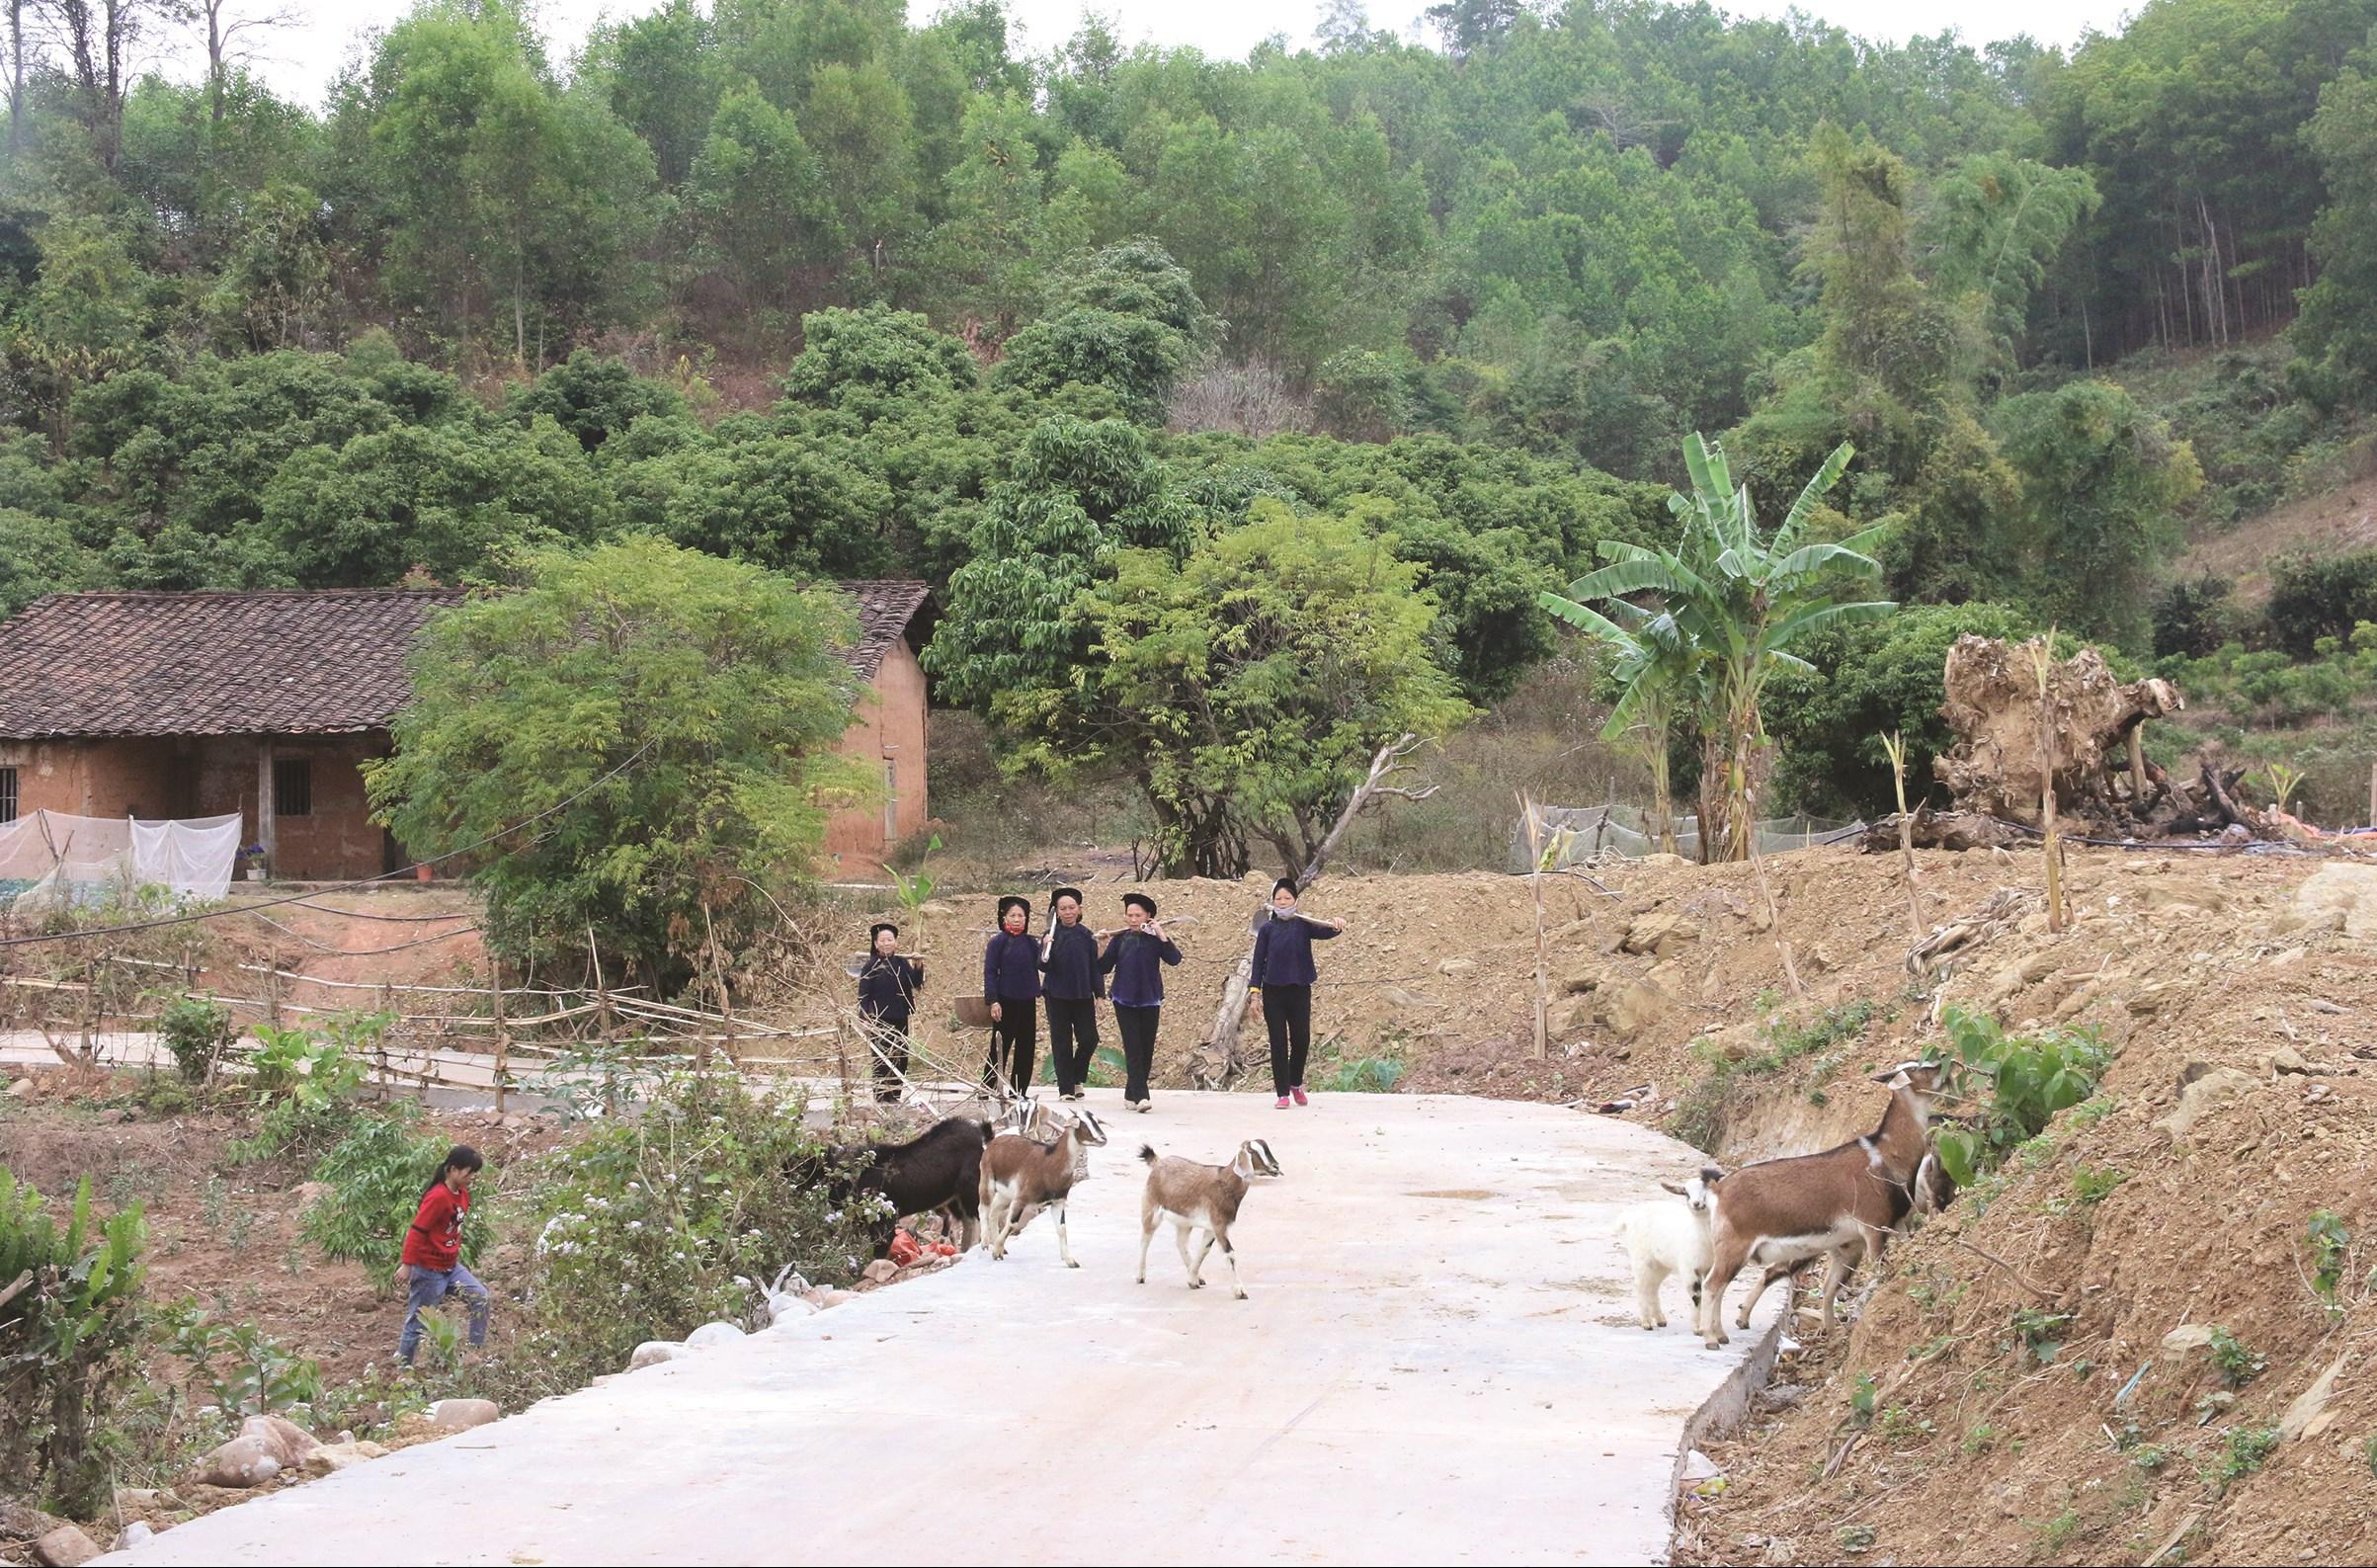 Cùng với các xã ĐBKK trên địa bàn cả nước, tại Bắc Giang nhiều công trình cơ sở hạ tầng phân cấp cho cơ sở làm chủ đầu tư đã phát huy hiệu quả. (Trong ảnh: Đường giao thông nông thôn ở Bắc Hoa, xã Tân Sơn, Lục Ngạn được xây dựng từ nguồn vốn Chương trình 135)